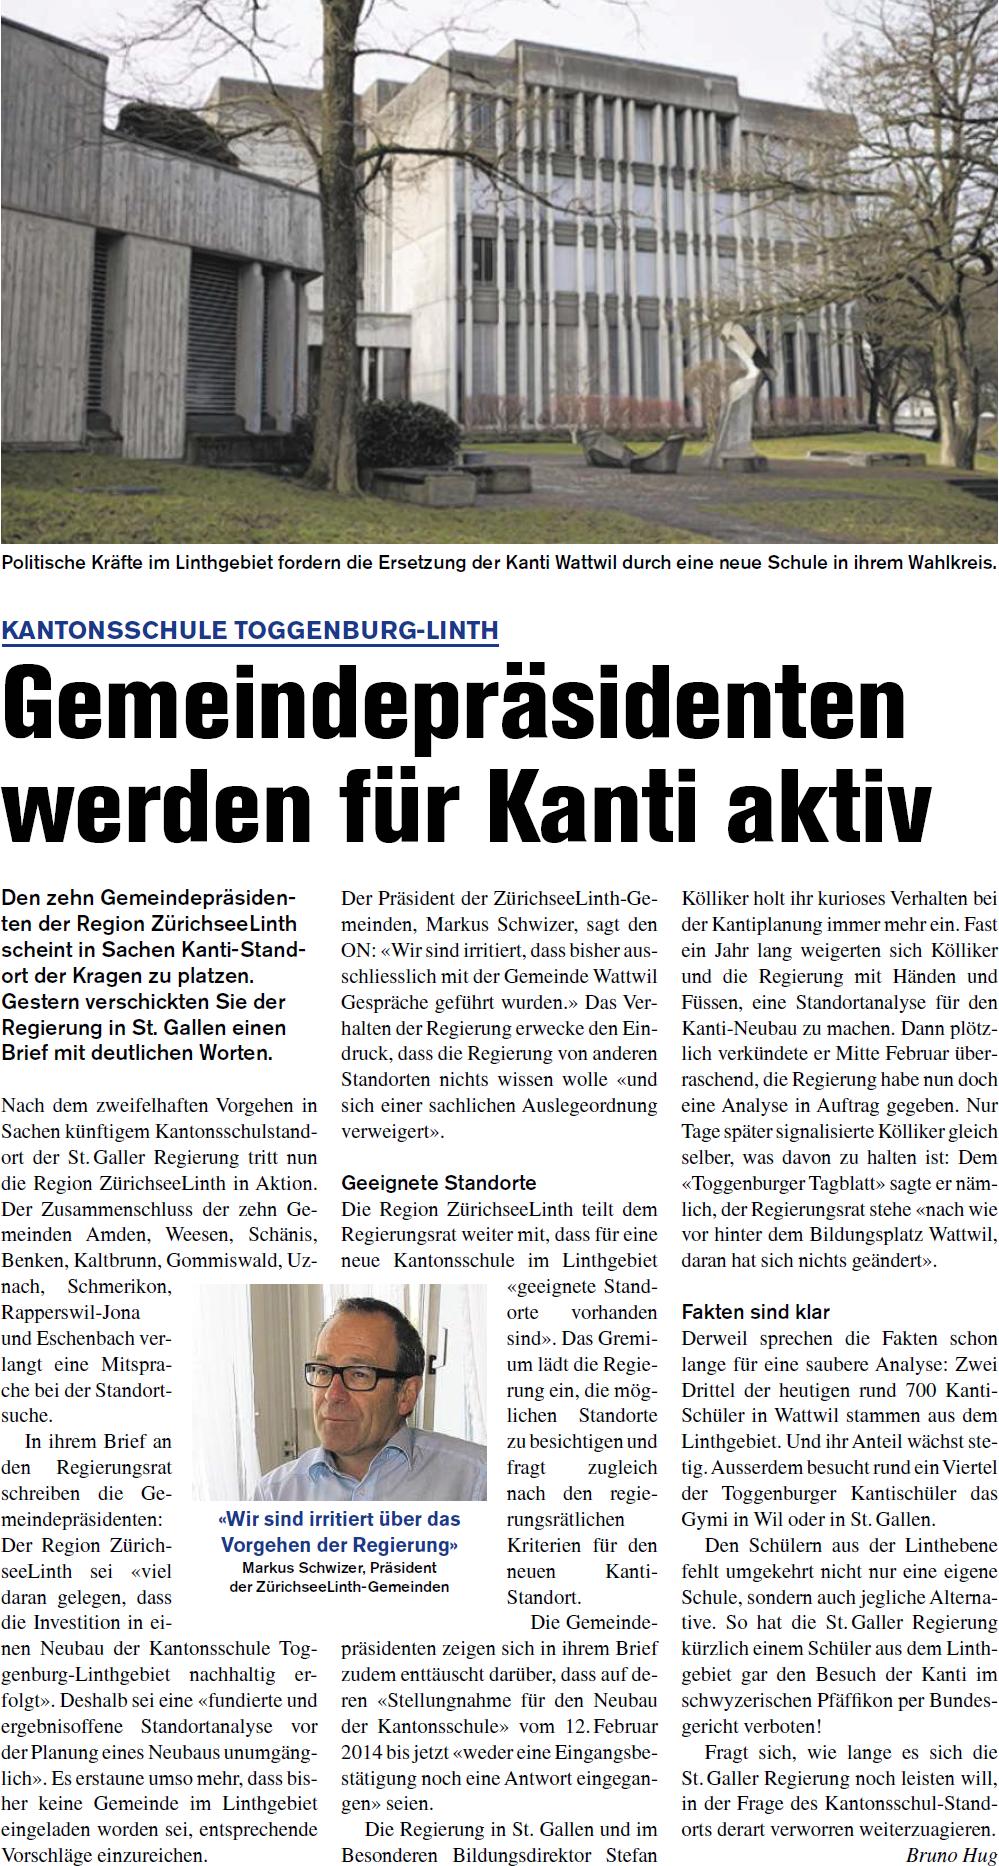 Gemeindepräsidenten werden für Kanti aktiv (Donnerstag, 20.03.2014)